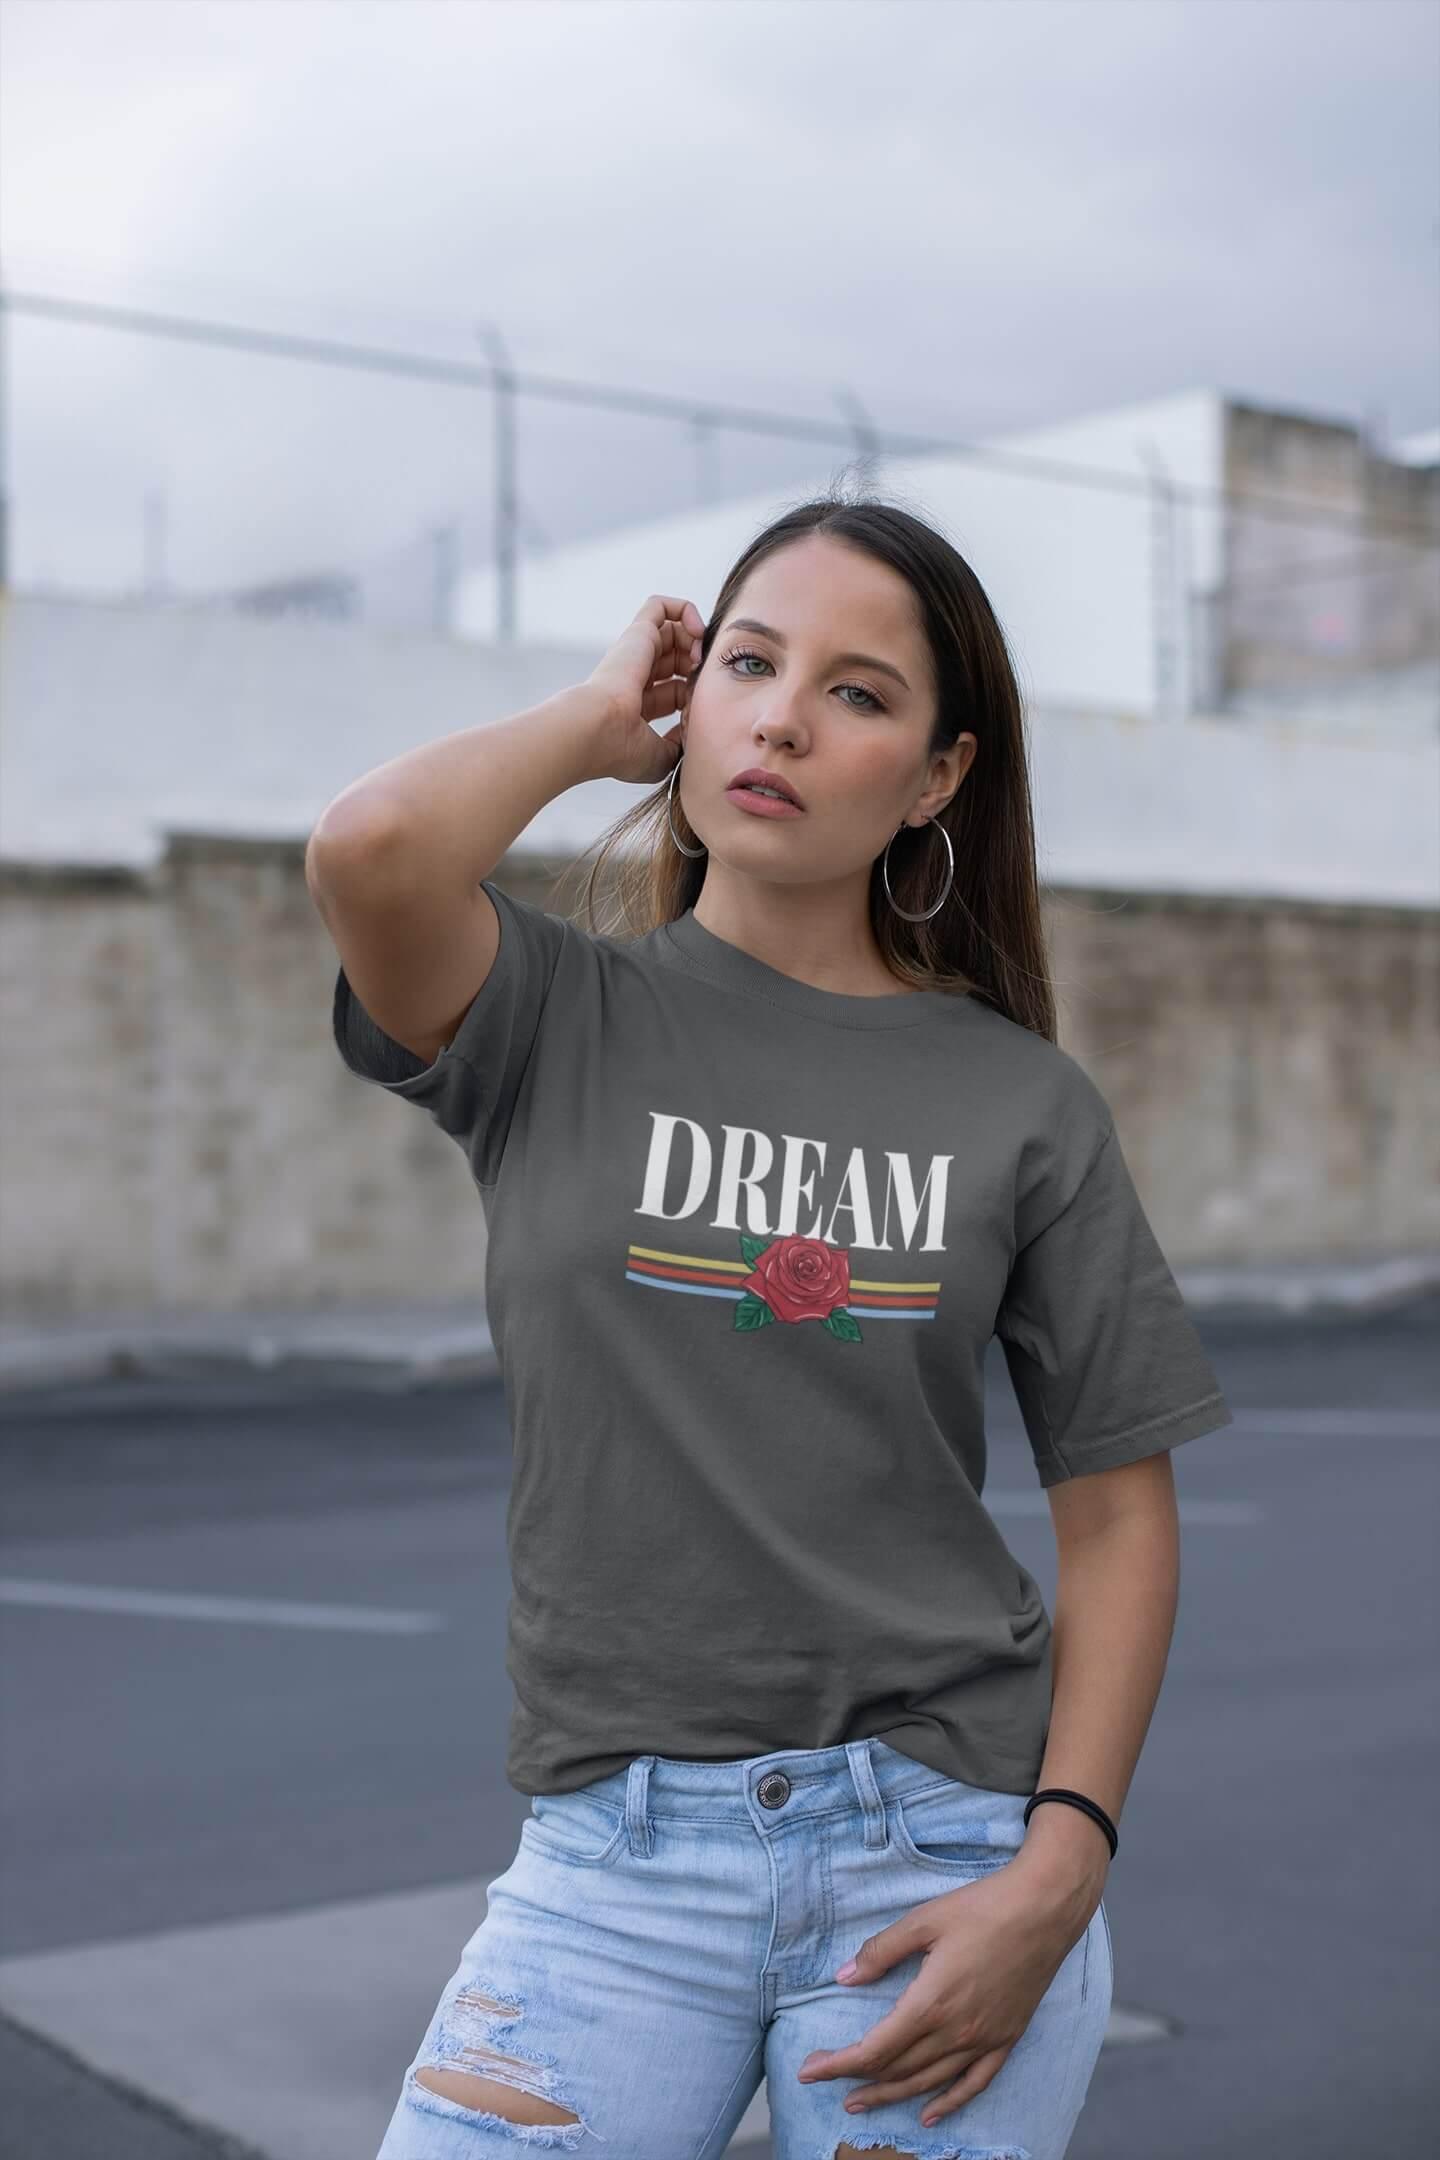 MMO Dámske tričko Dream Vyberte farbu: Tmavá bridlica, Vyberte veľkosť: L